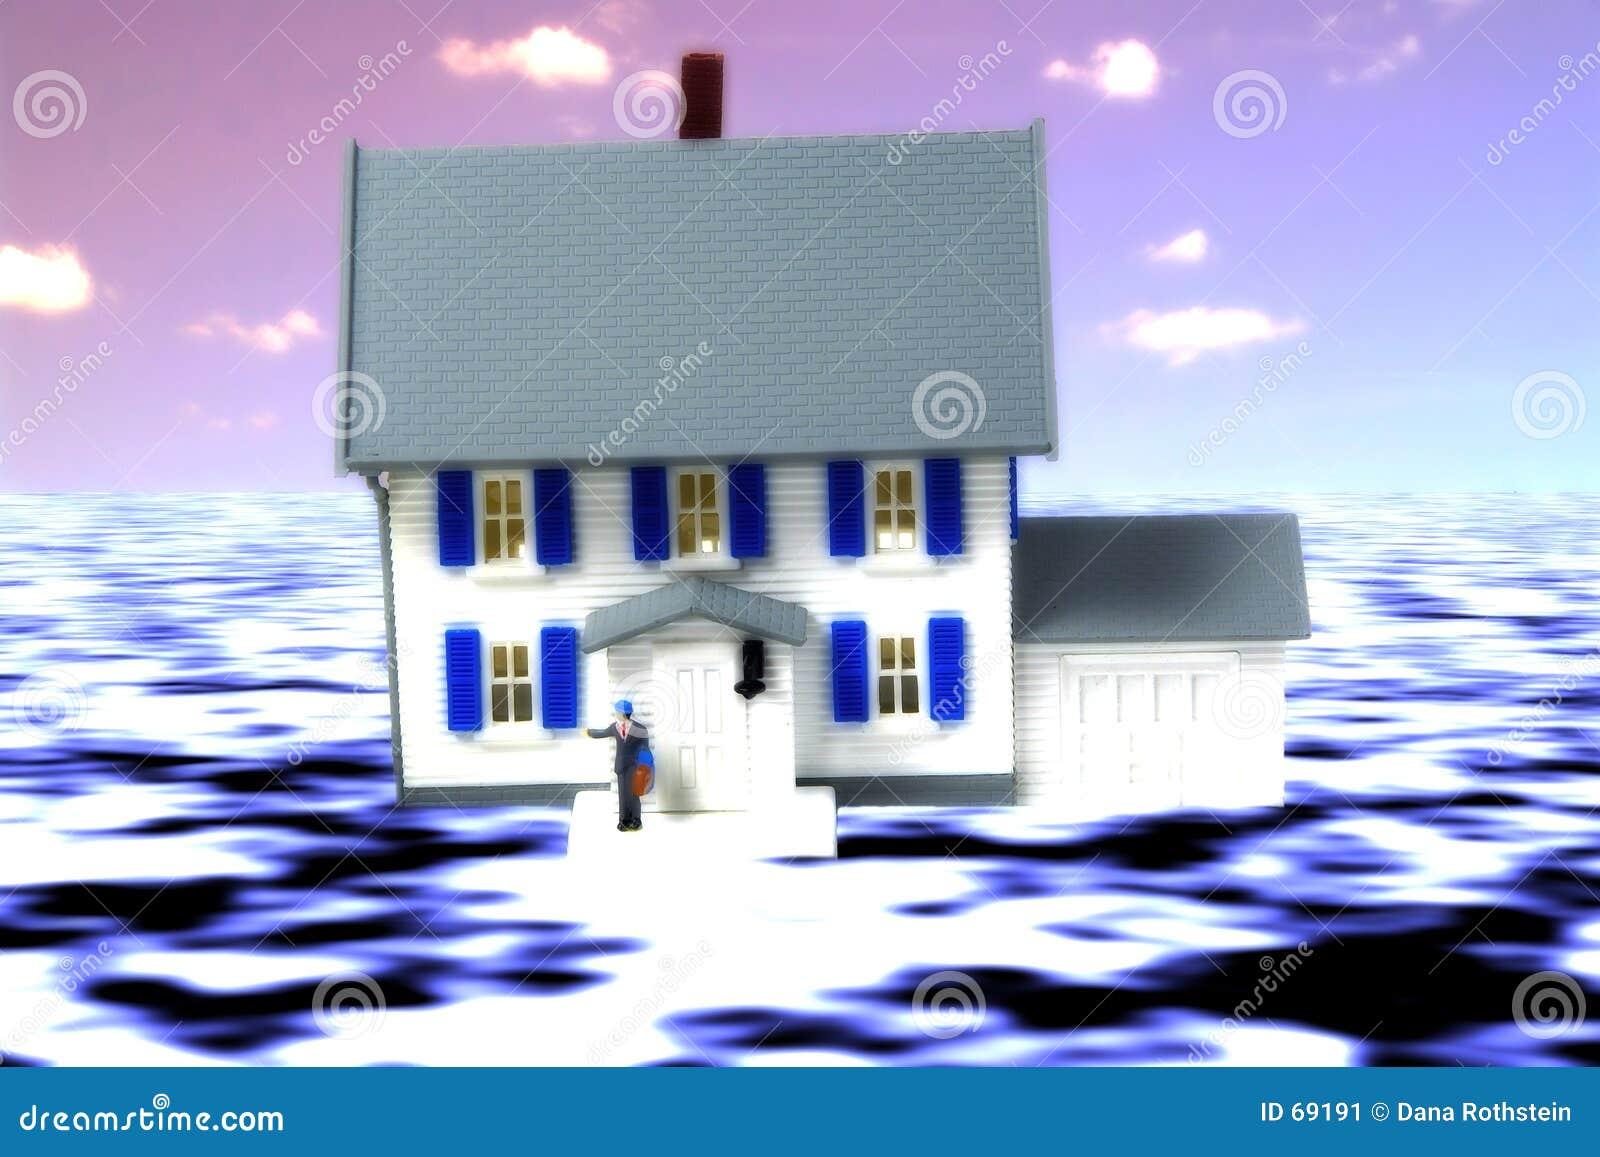 Seguro de inundación